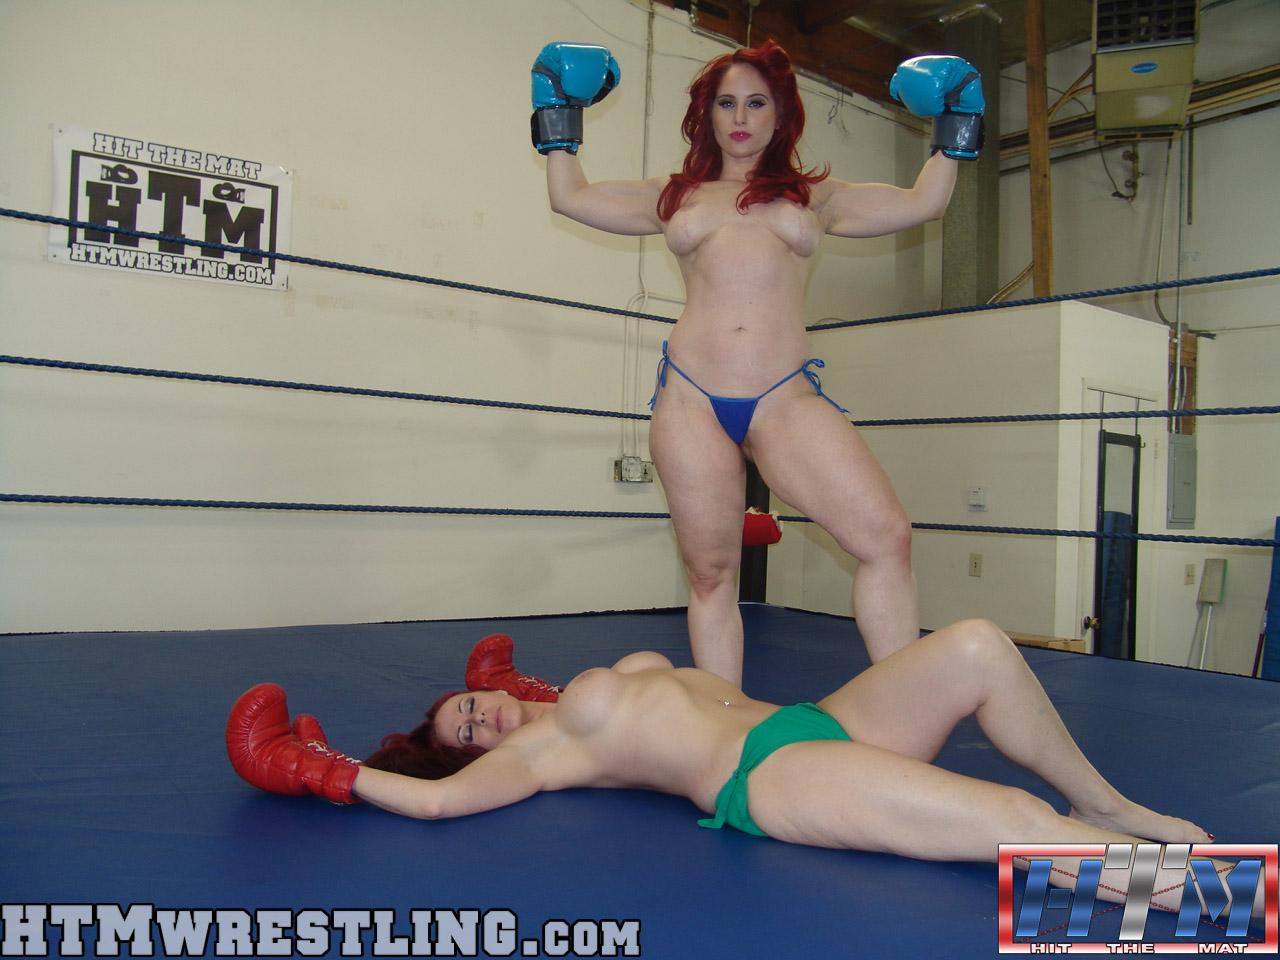 Alaskan women topless boxing 9